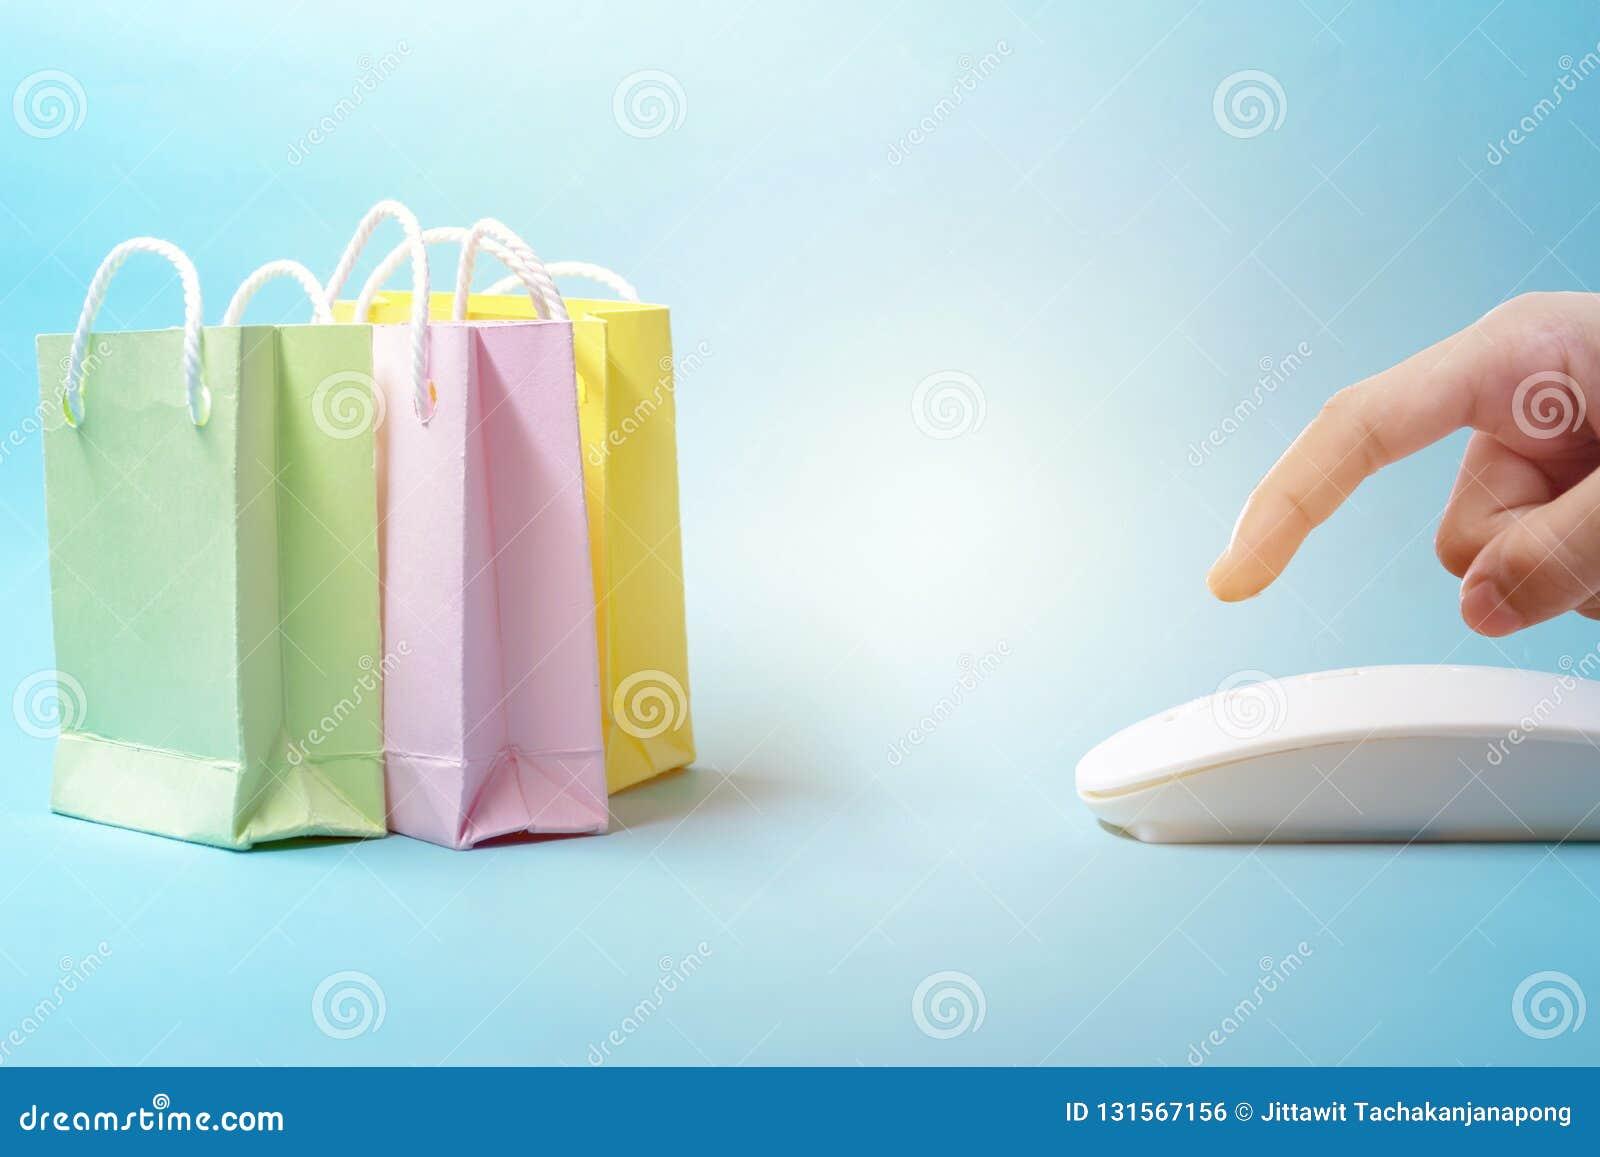 Sprzedawać Online pojęcie Rozkazuje online, jest bardzo popularny w teraźniejszości, Palce naciskają, Właśnie klikają myszy, i ty